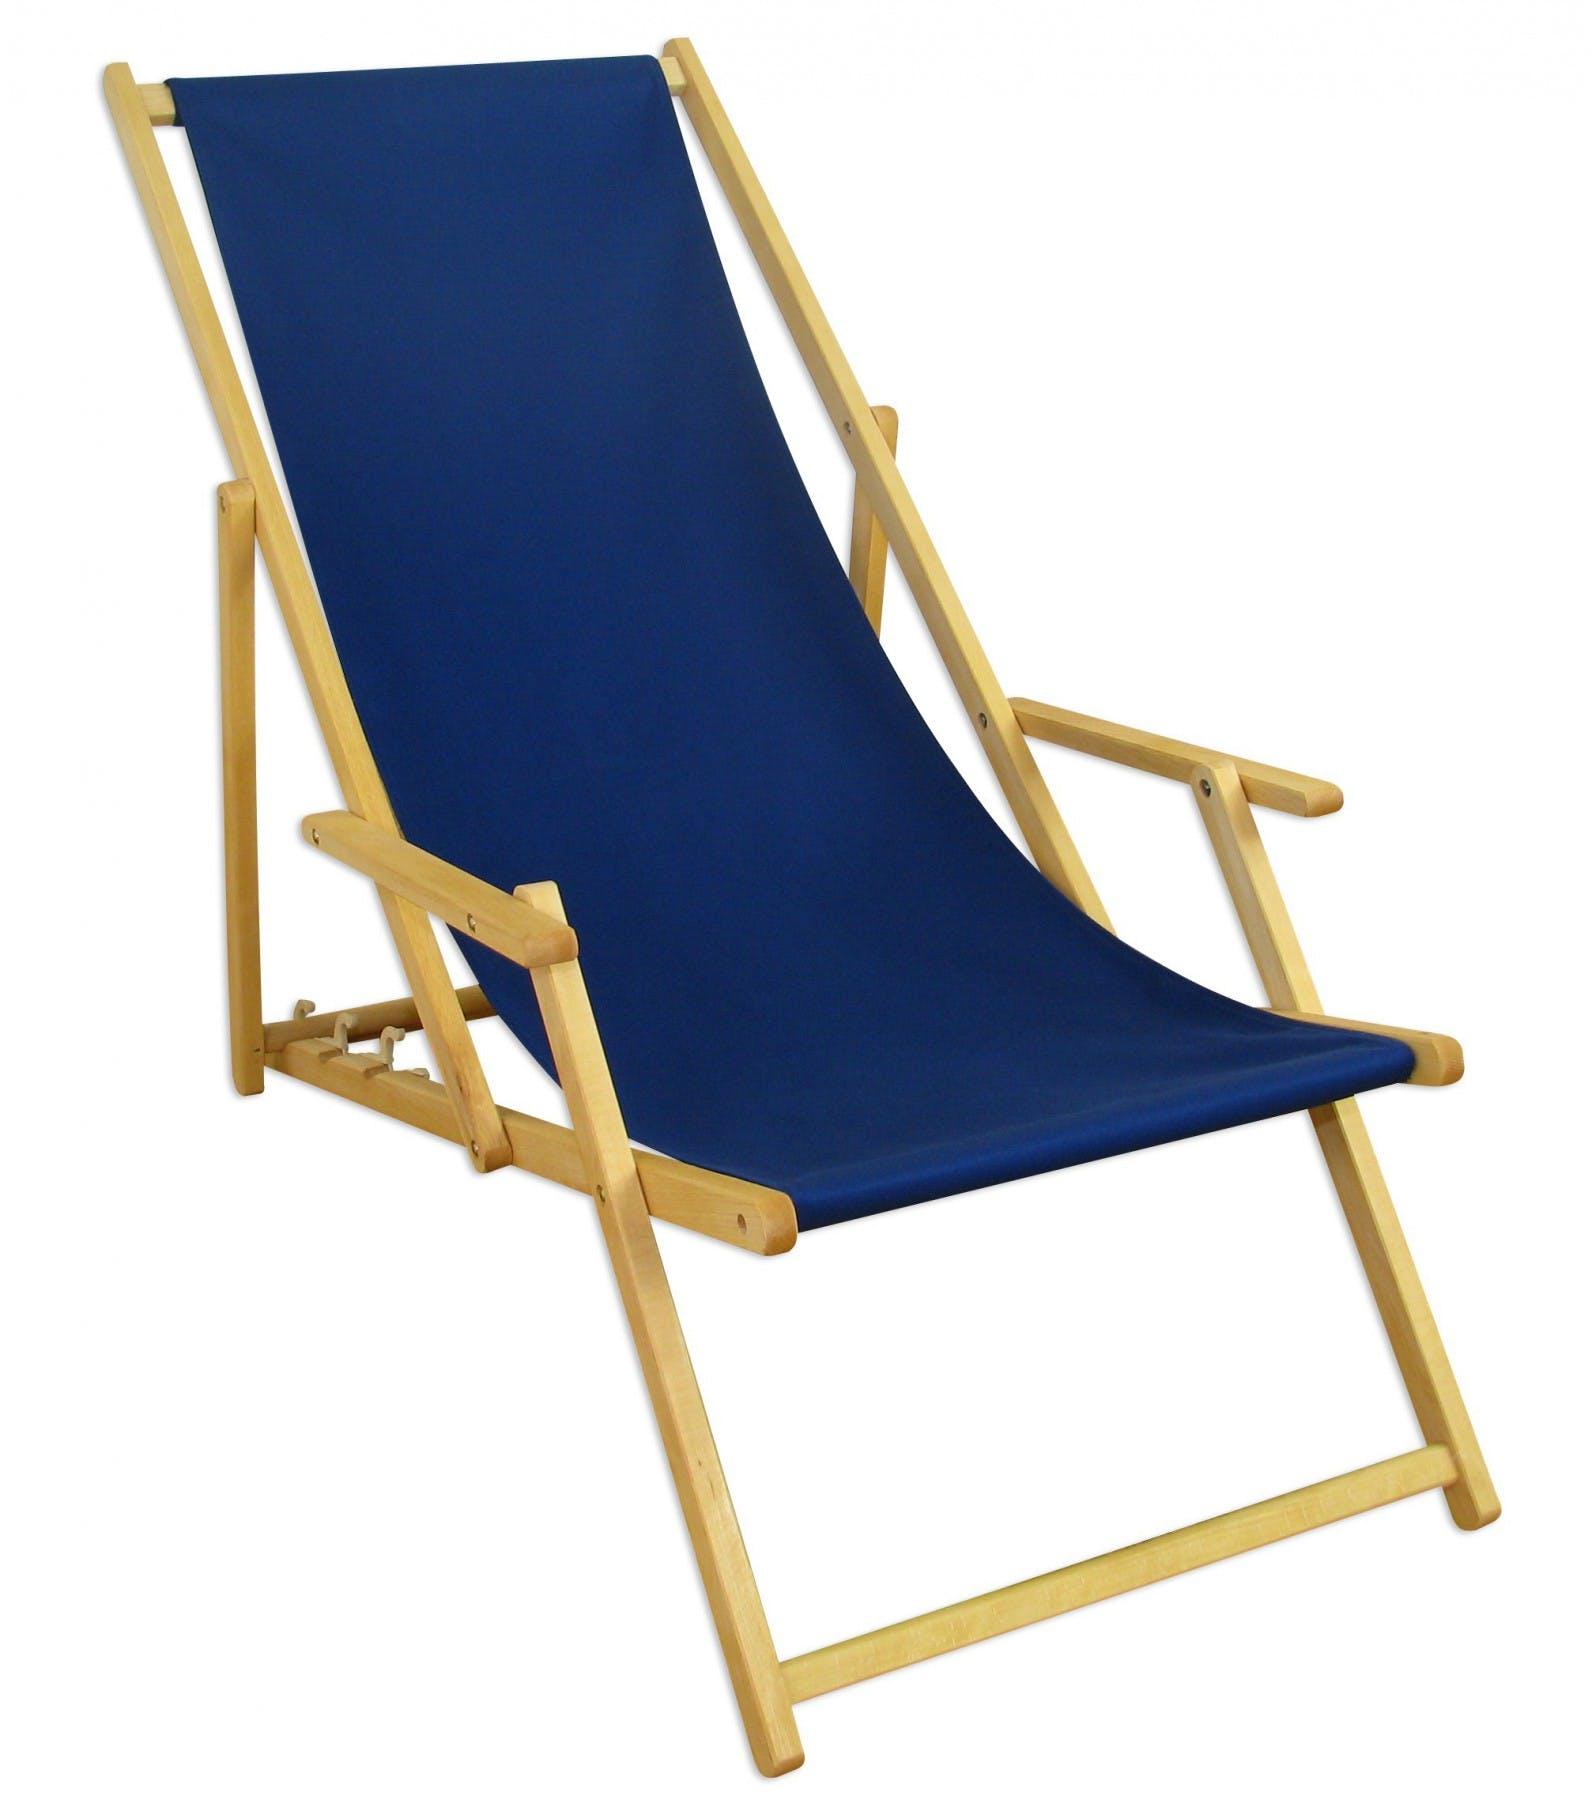 Liegestuhl Blau Gartenstuhl Strandstuhl Klappliege Sonnenliege Relaxliege Deckchair Buche 10 307n Metro Marktplatz